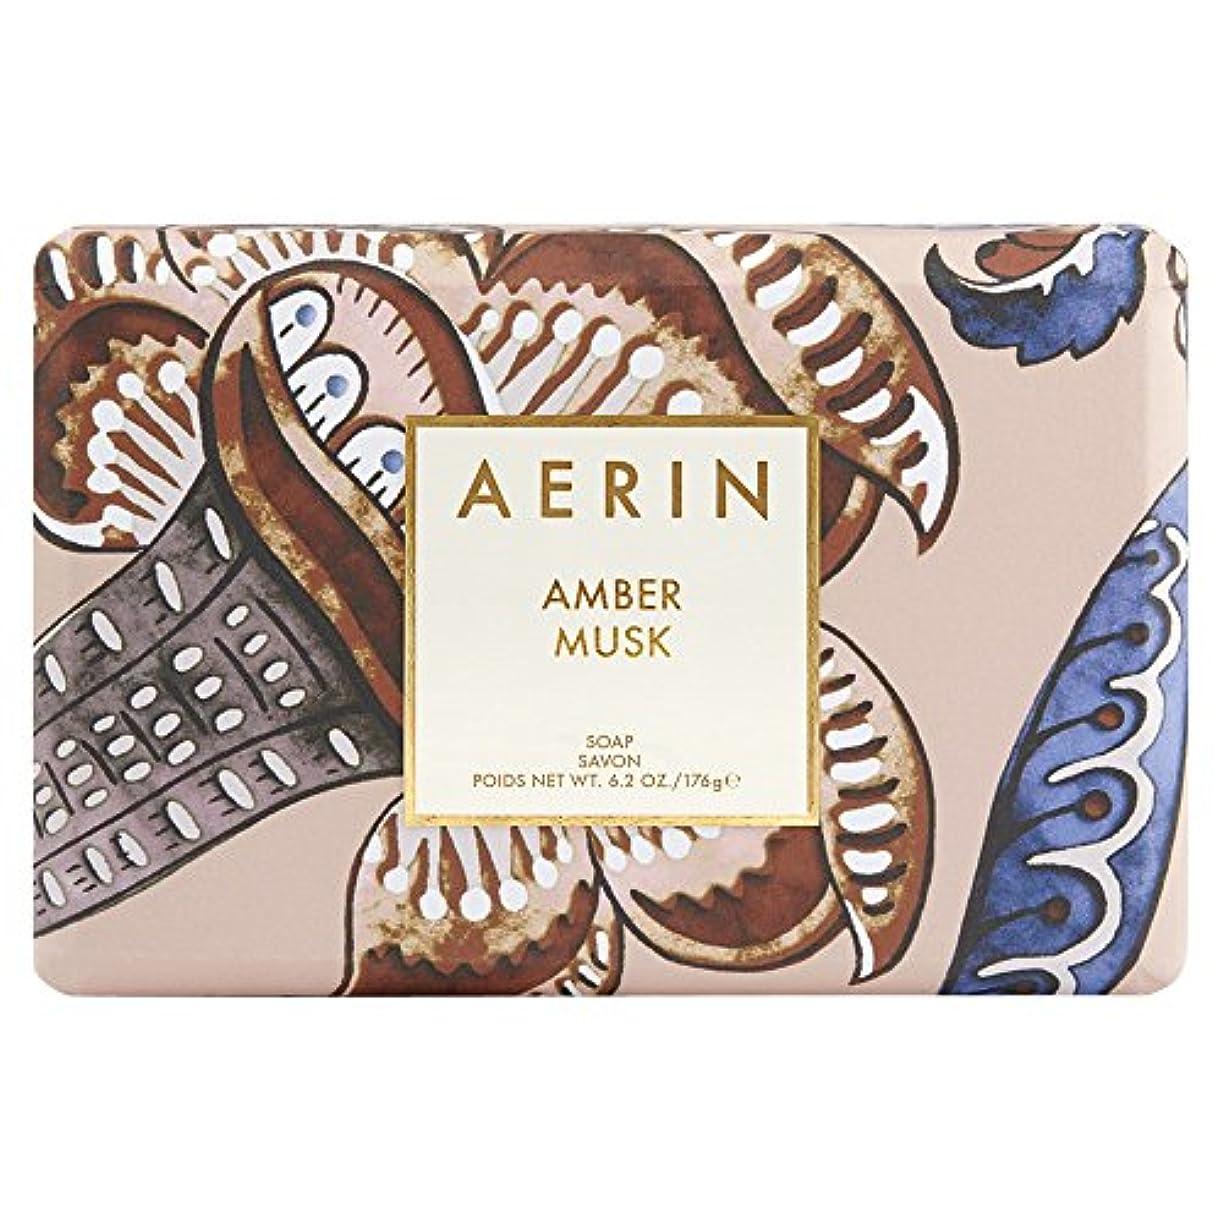 バンイライラする鉛筆Aerinアンバームスクソープ176グラム (AERIN) (x2) - AERIN Amber Musk Soap 176g (Pack of 2) [並行輸入品]